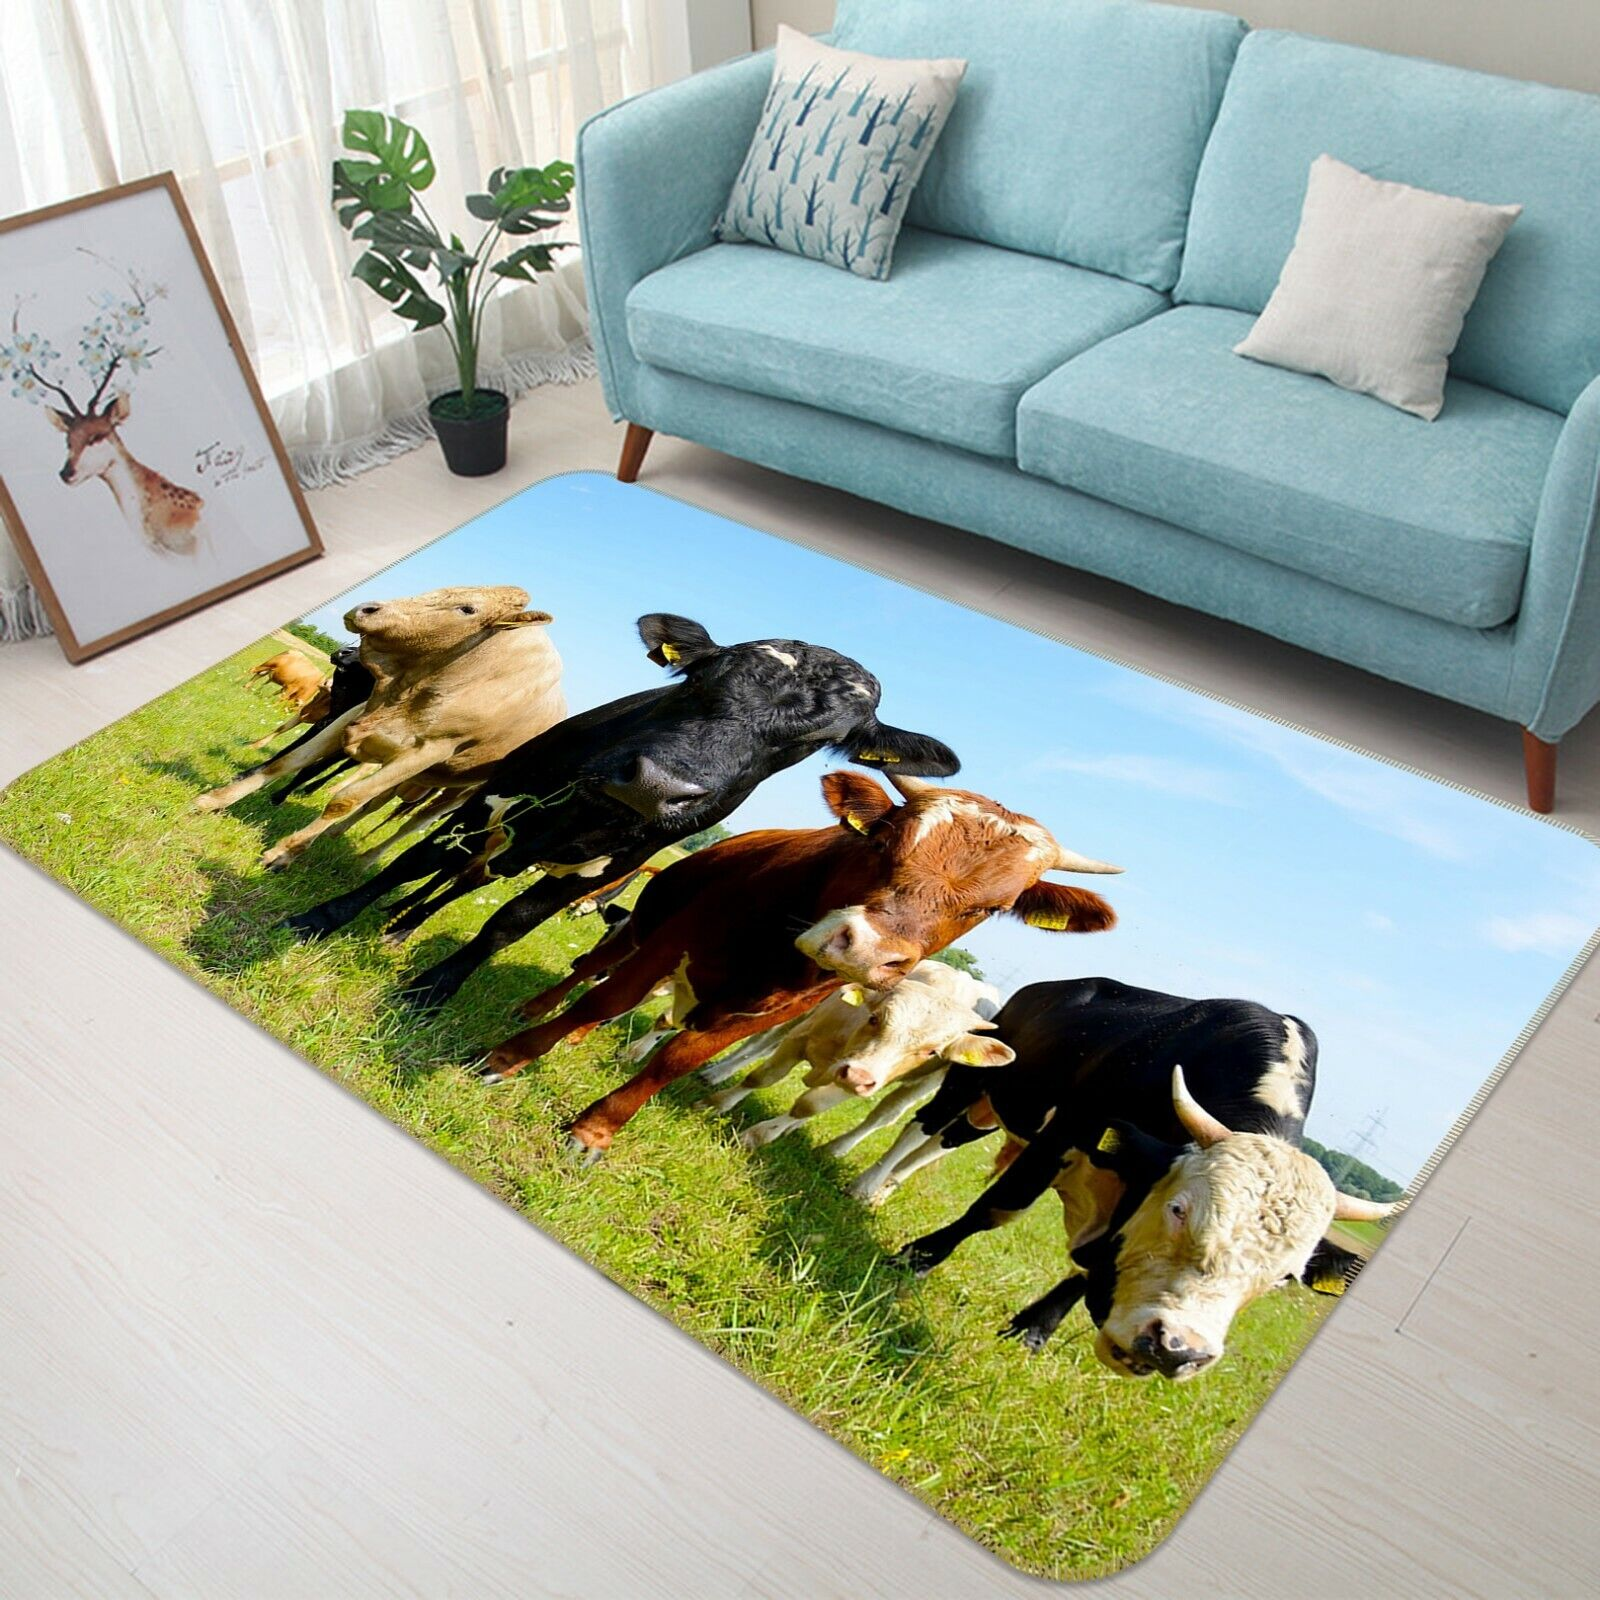 3D PAESAGGIO MUCCA SKY C048 Animale tappetino antiscivolo tappeto rossoondo elegante Tappeto Wendy